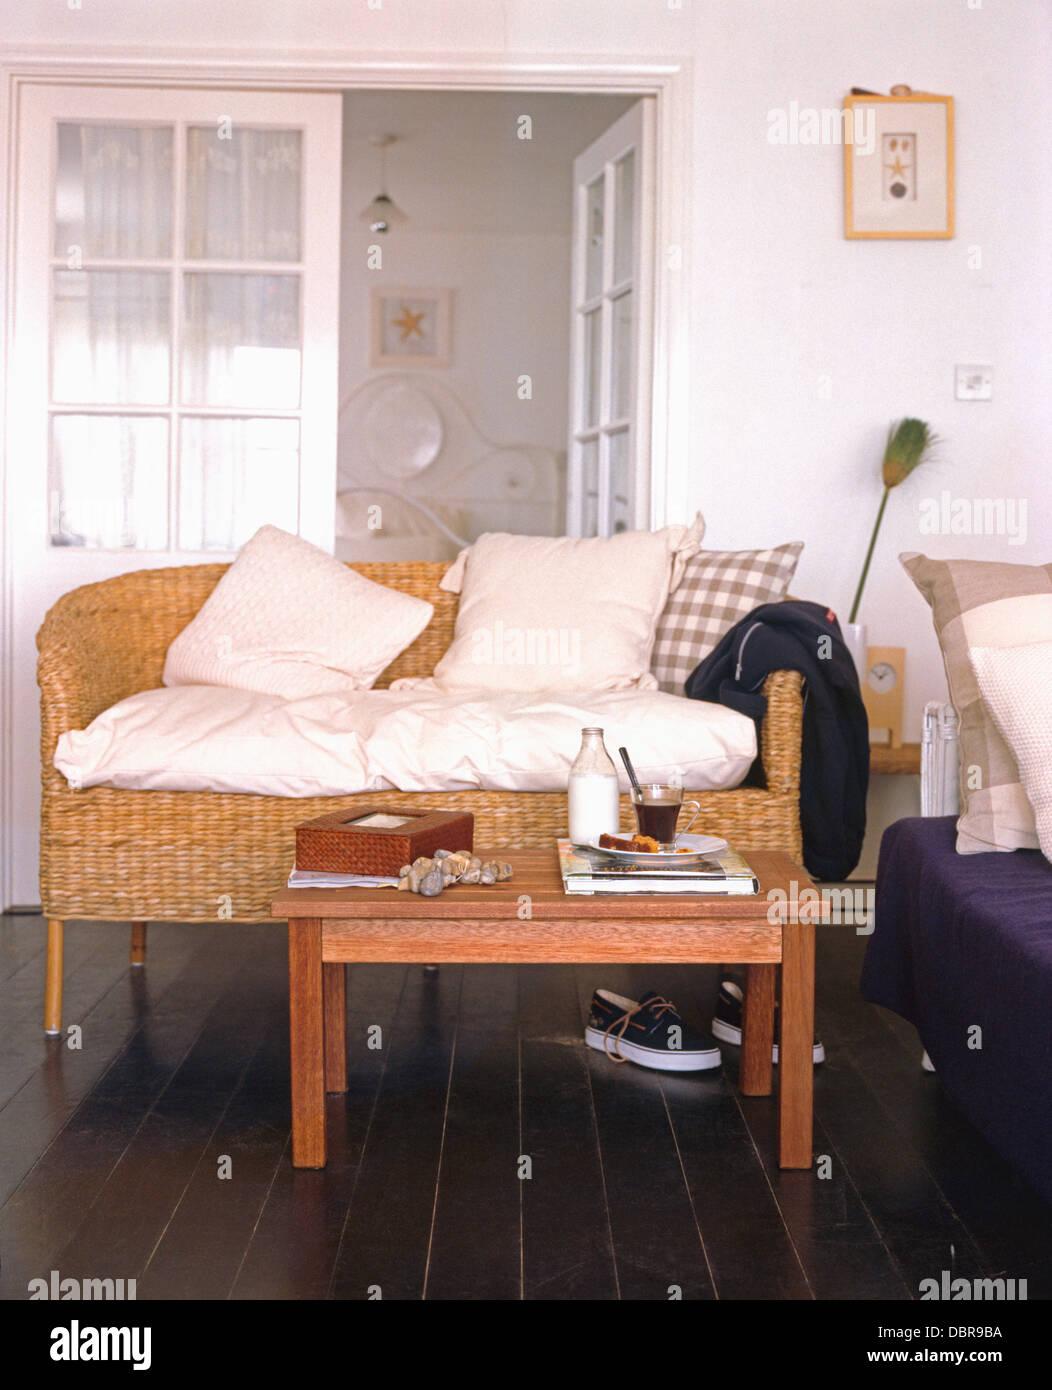 Milchflasche auf einfachen Holztisch vor Wicker Sofa mit ...